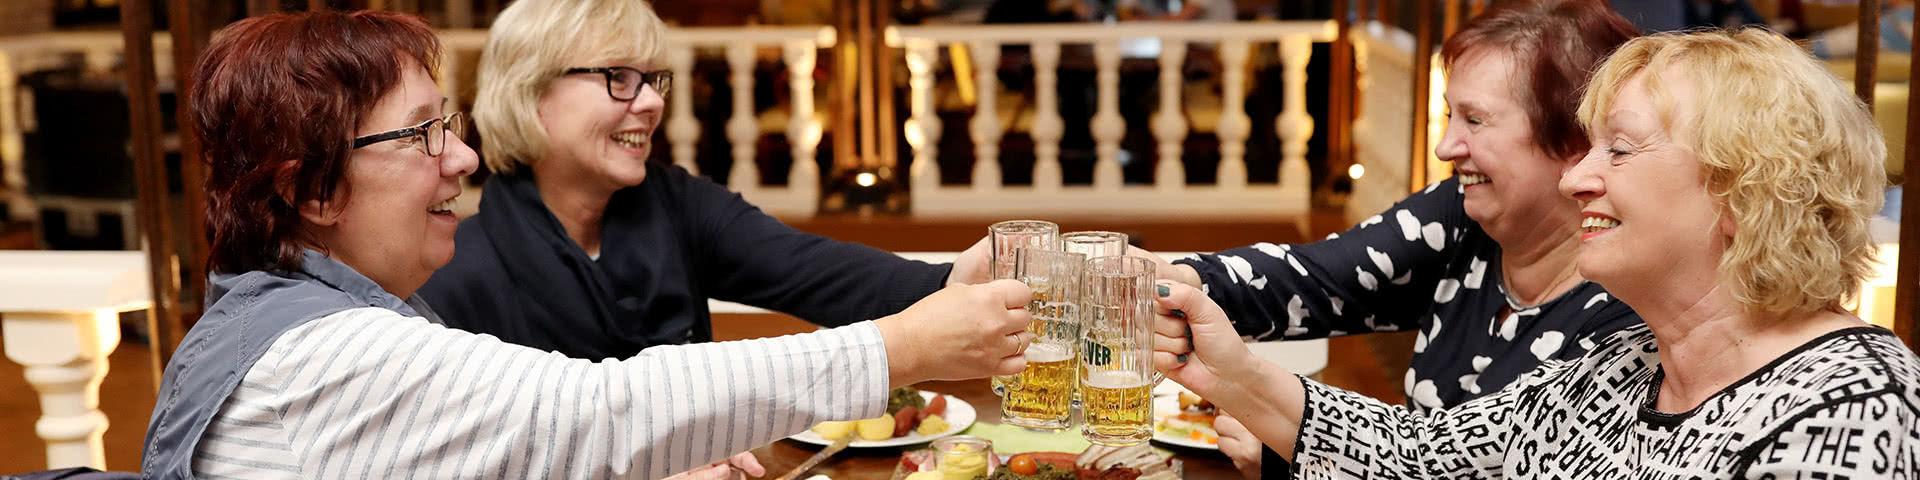 Gruppe stößt gemiensam mit Bier an beim Kohlessen im Wangerland